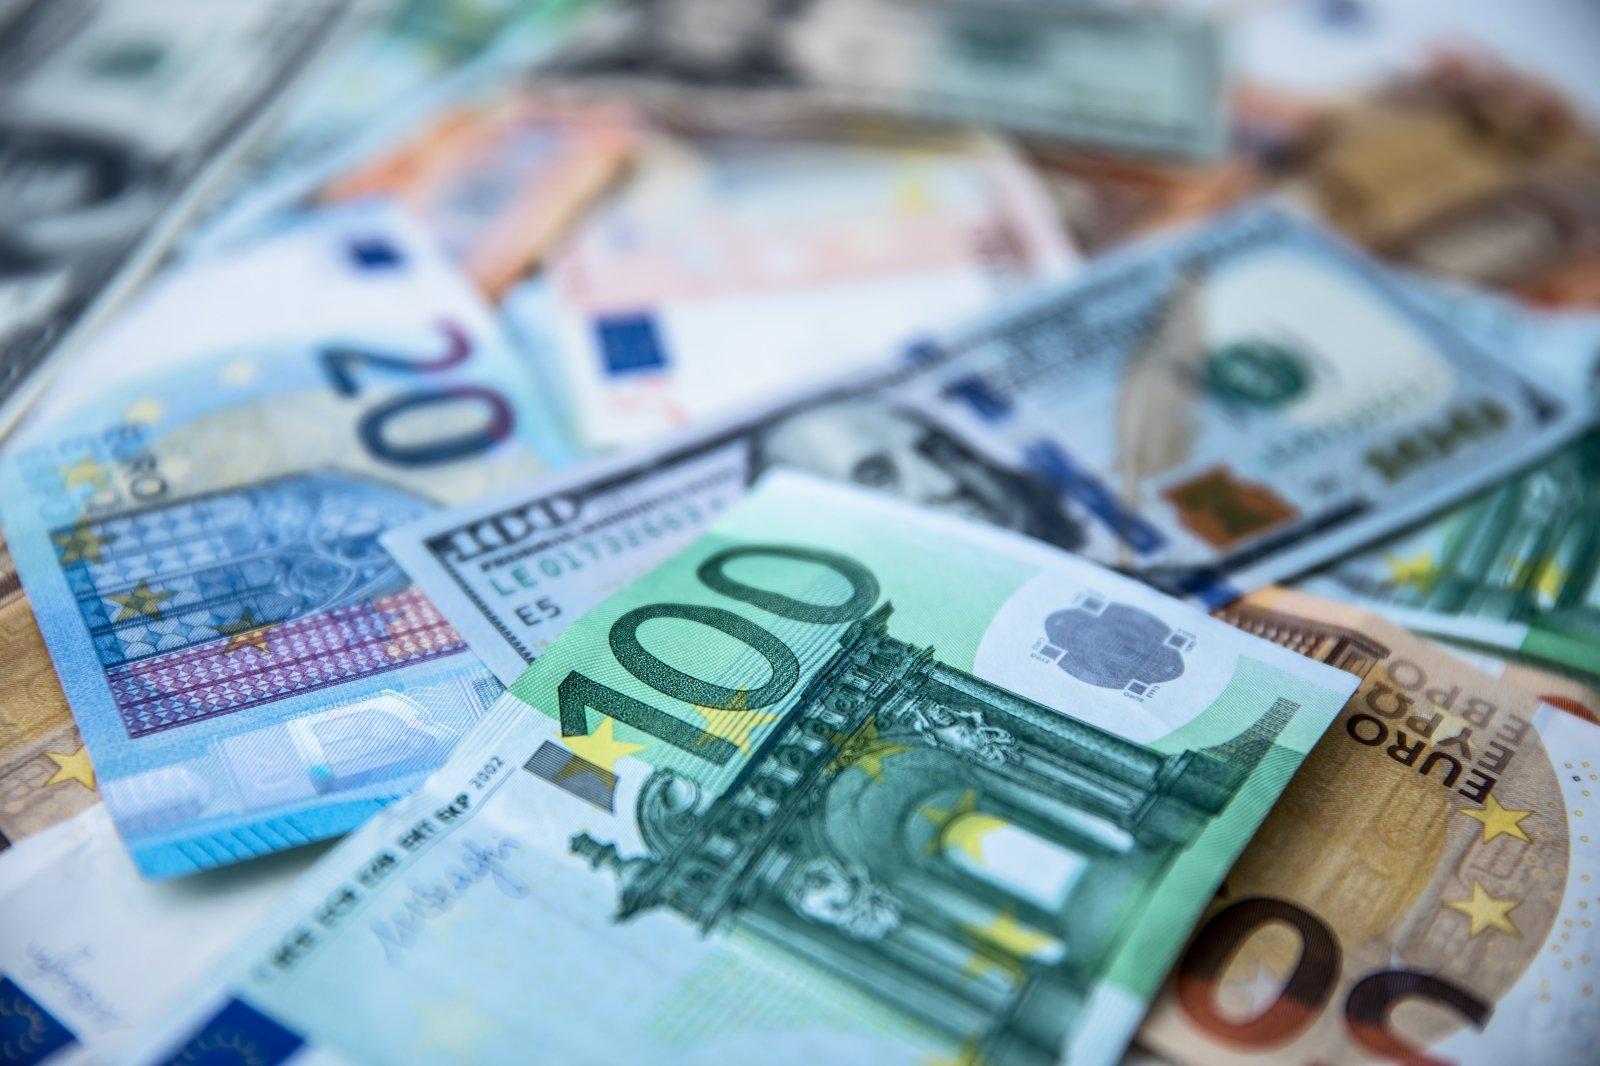 Valiutų prekybos kursai internete. Kaip užsidirbti pinigų keičiant valiutų kursus